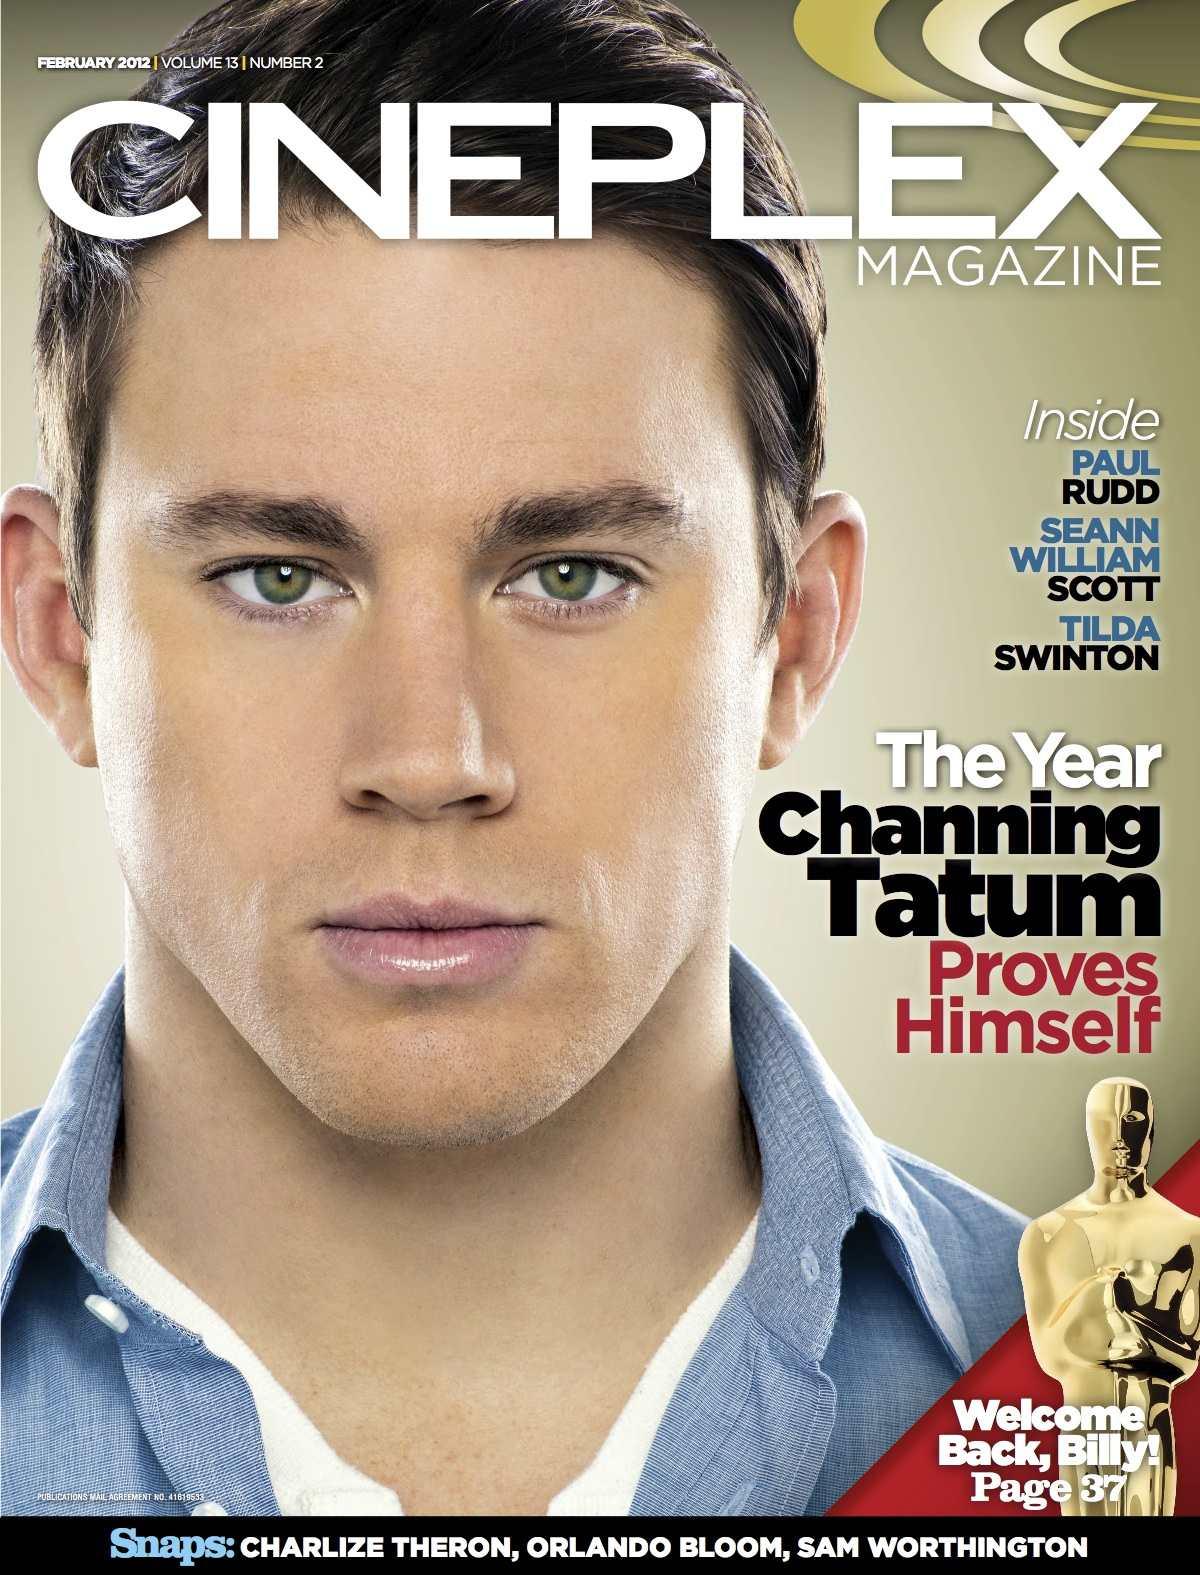 http://2.bp.blogspot.com/-x_hJOL3s6v4/T8HX6sOp7mI/AAAAAAAACLg/g_Ua8U4ae1c/s1600/1channing-tatum-cineplexmagazine-february-2012-cover.jpg